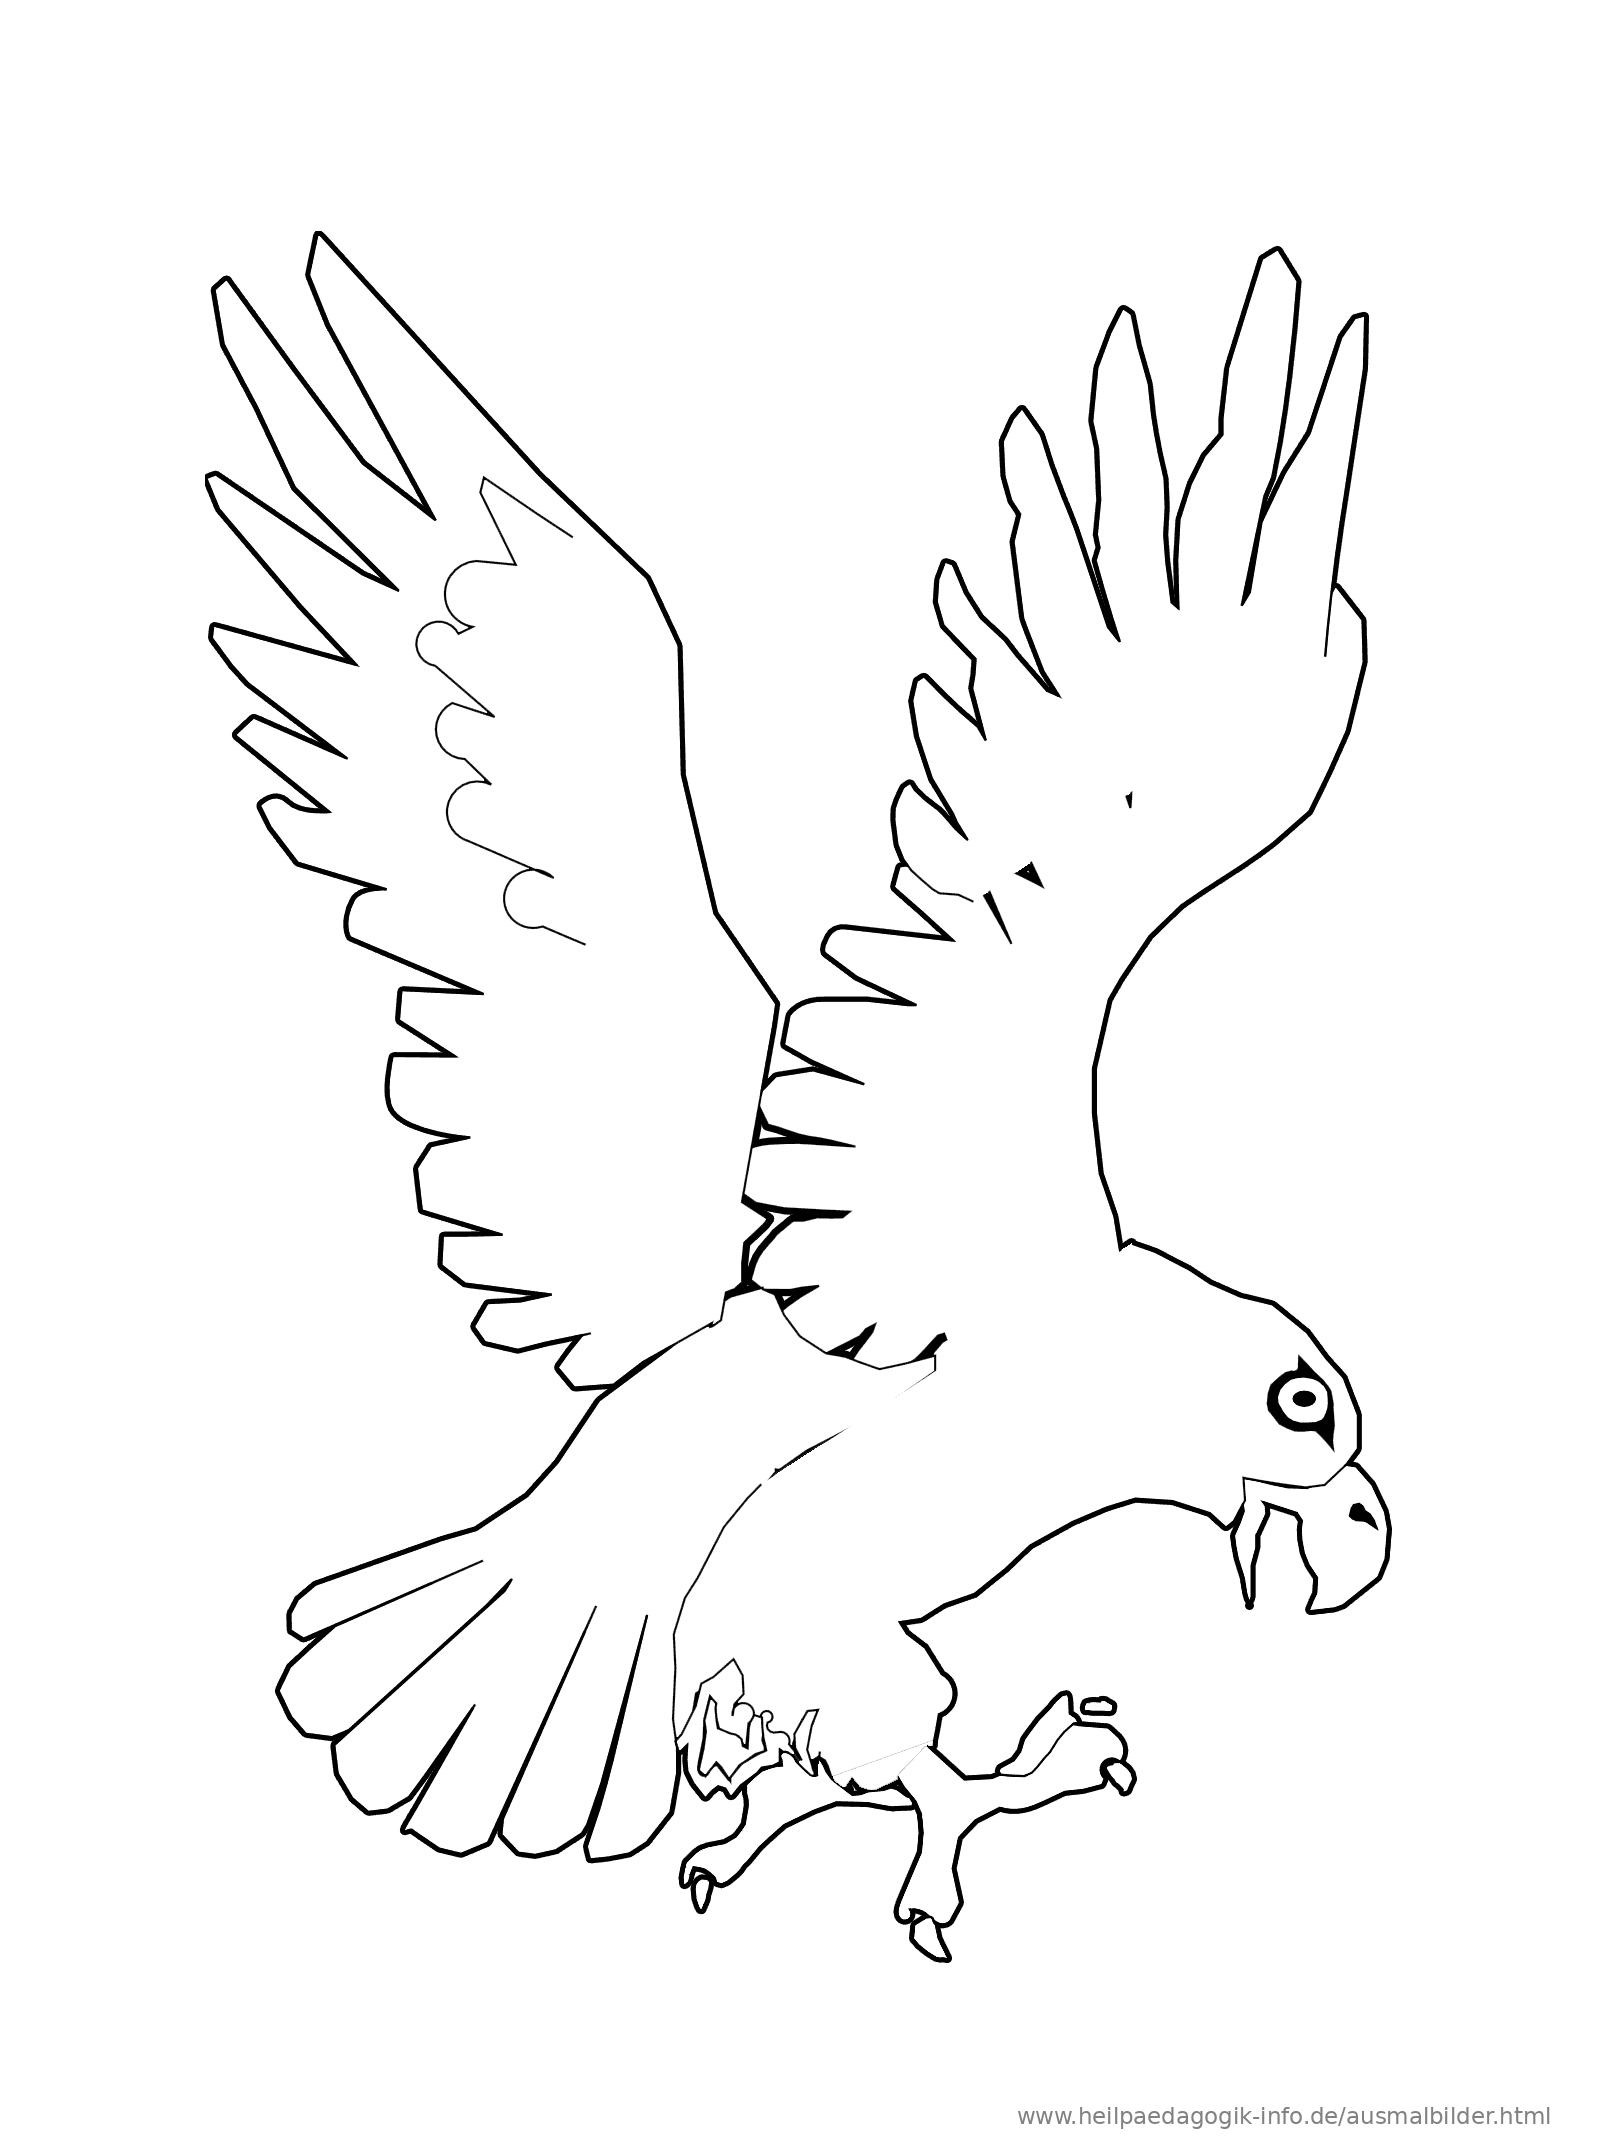 Ausmalbild Adler Als PDF oder PNG anzeigen